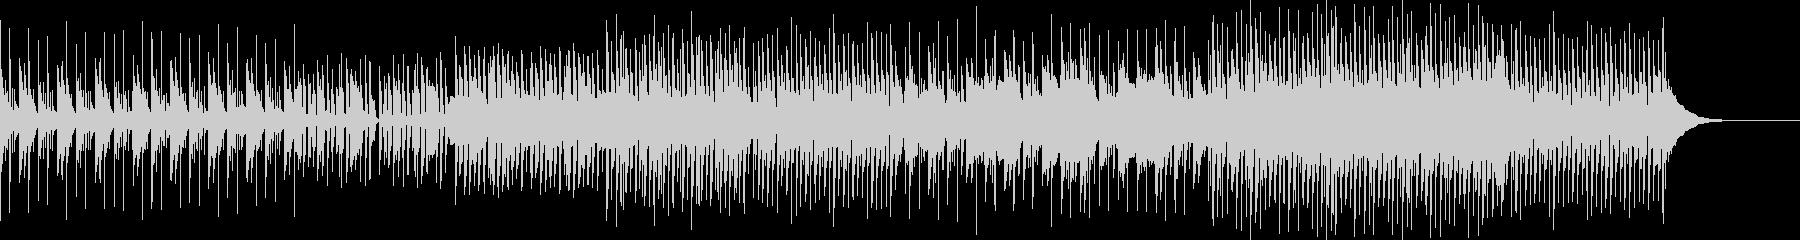 明るくほのぼの・生楽器のエレクトロニカの未再生の波形